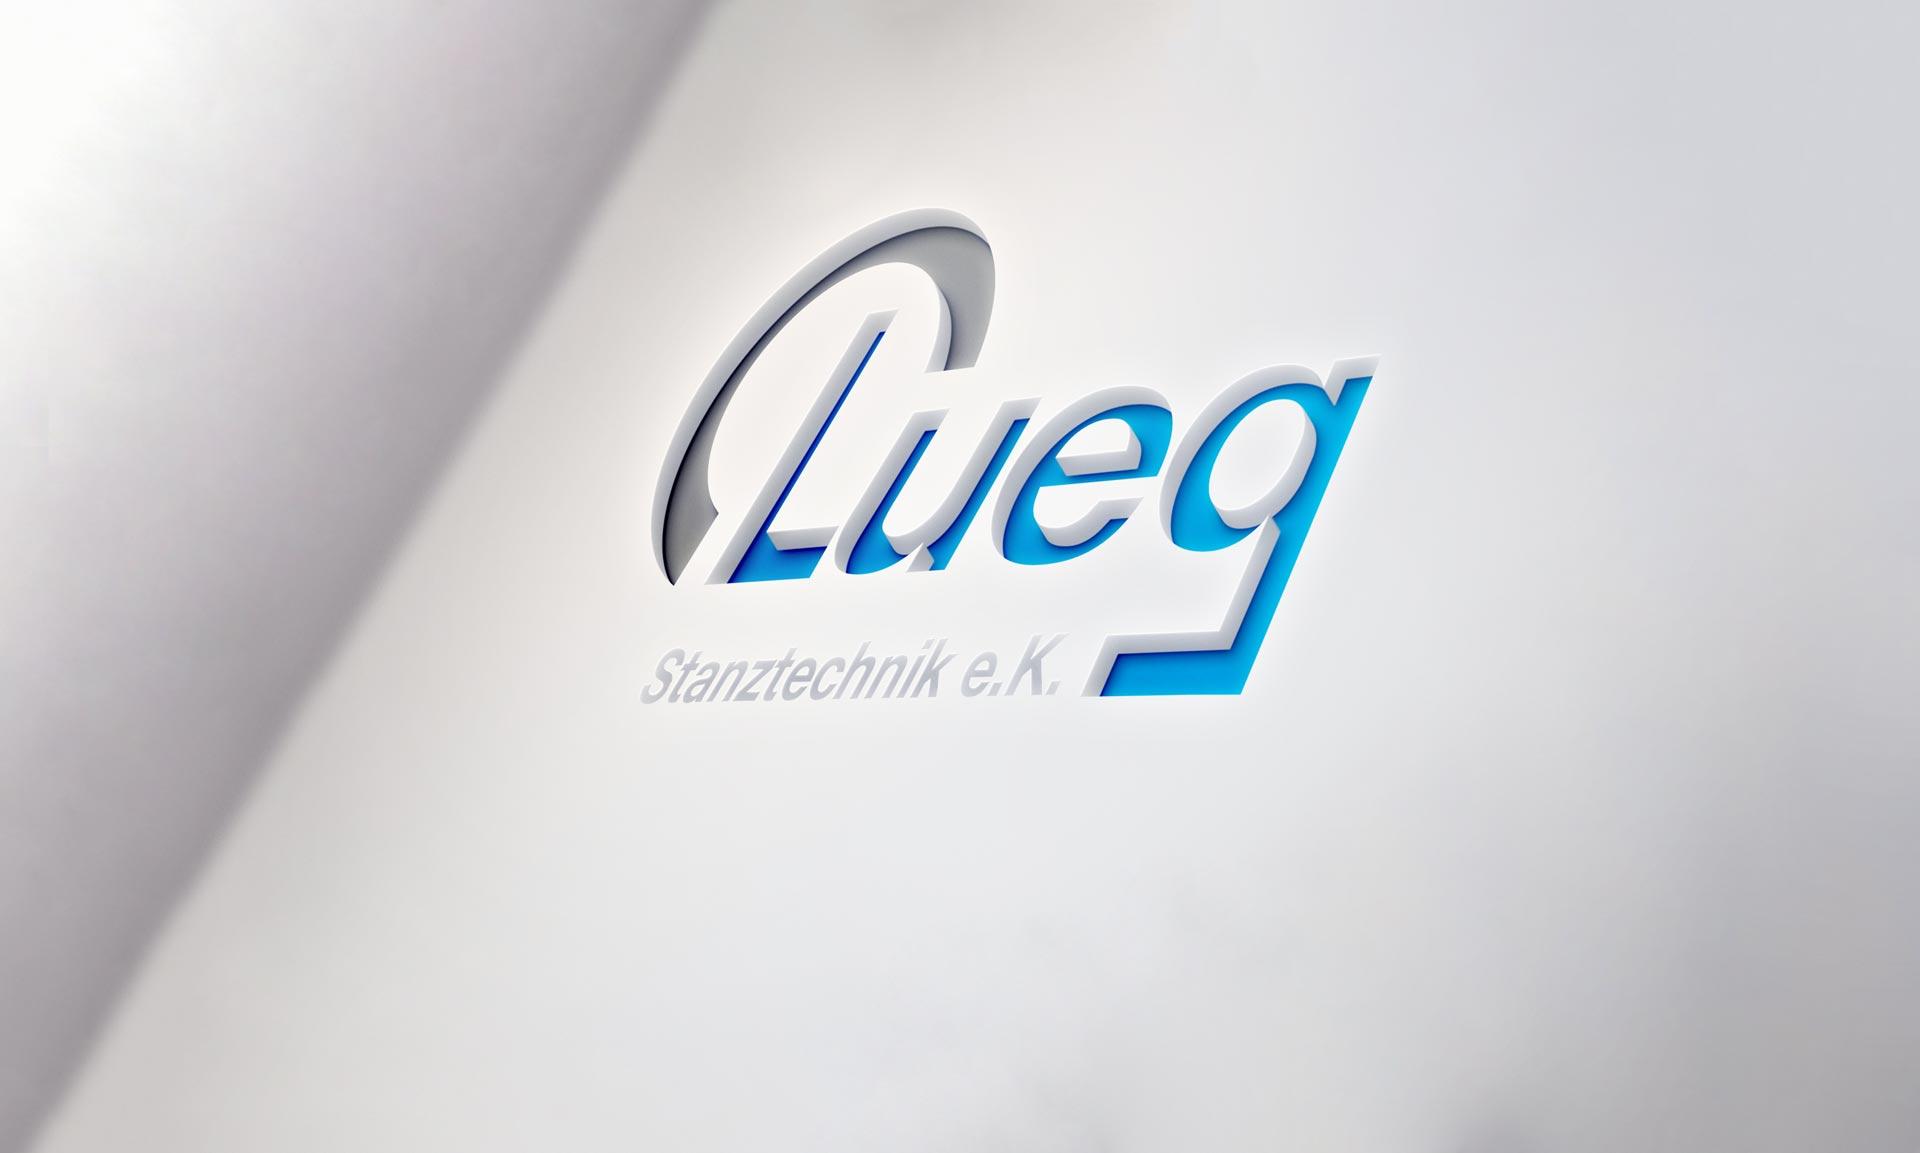 Lueg Stanztechnik stellt seit 1966 Stanzteile aus Sonderlegierungen, Edelstahl, NE-Metallen und Stahl her.